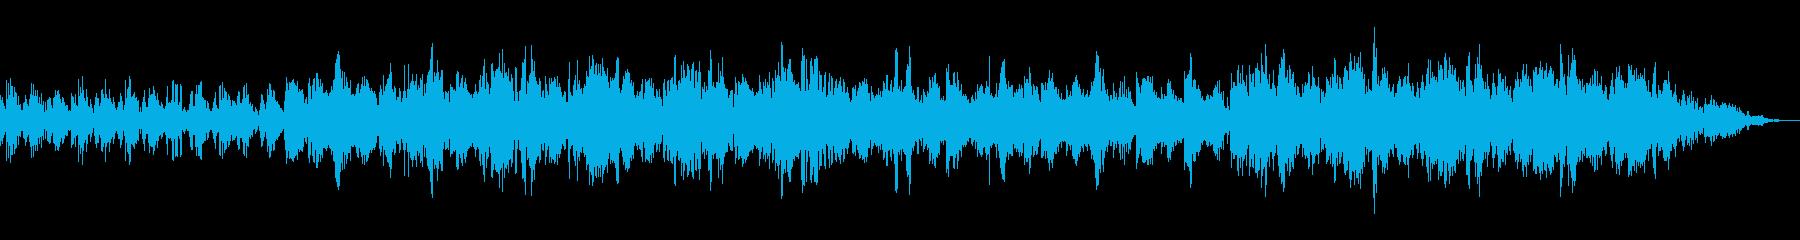 機械化人の悲しみ ミニマル アンビエントの再生済みの波形